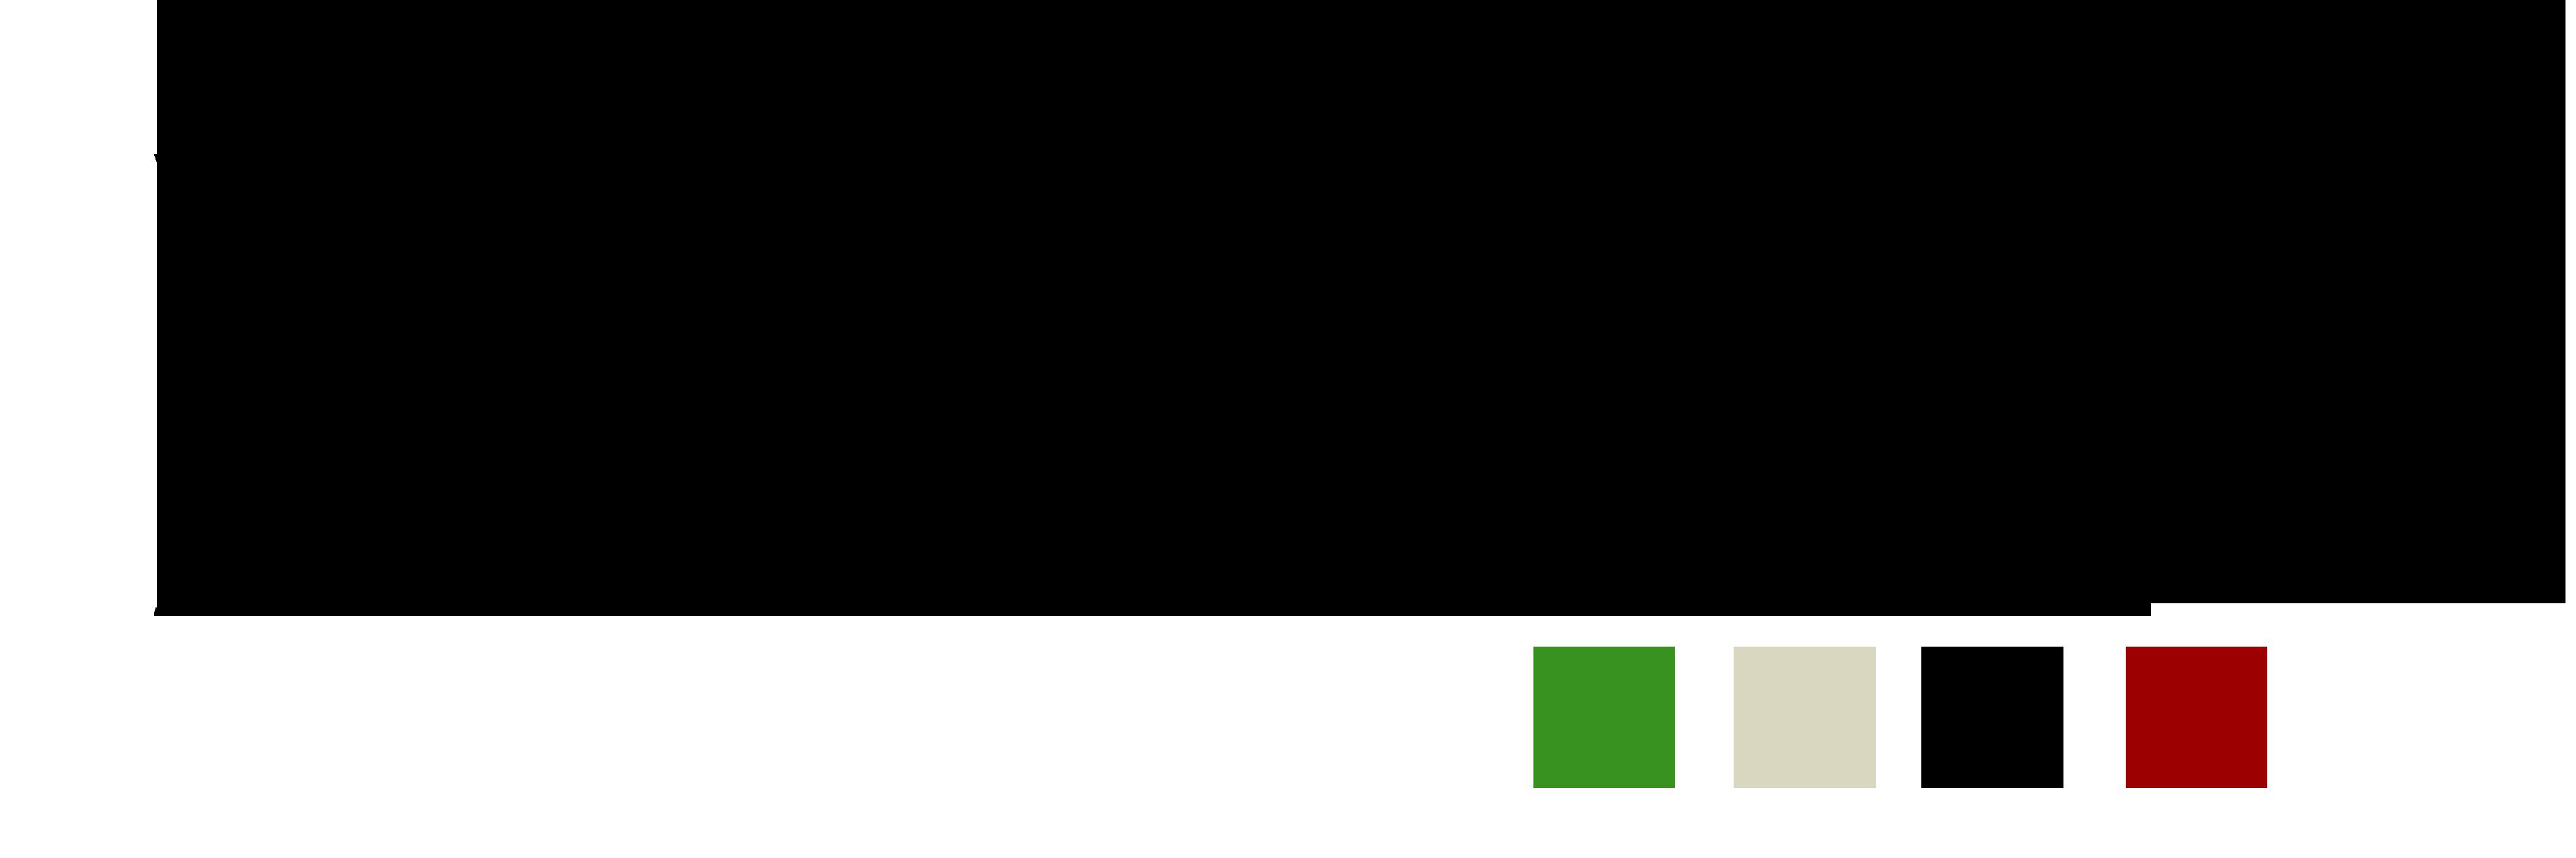 Logo pepper communication